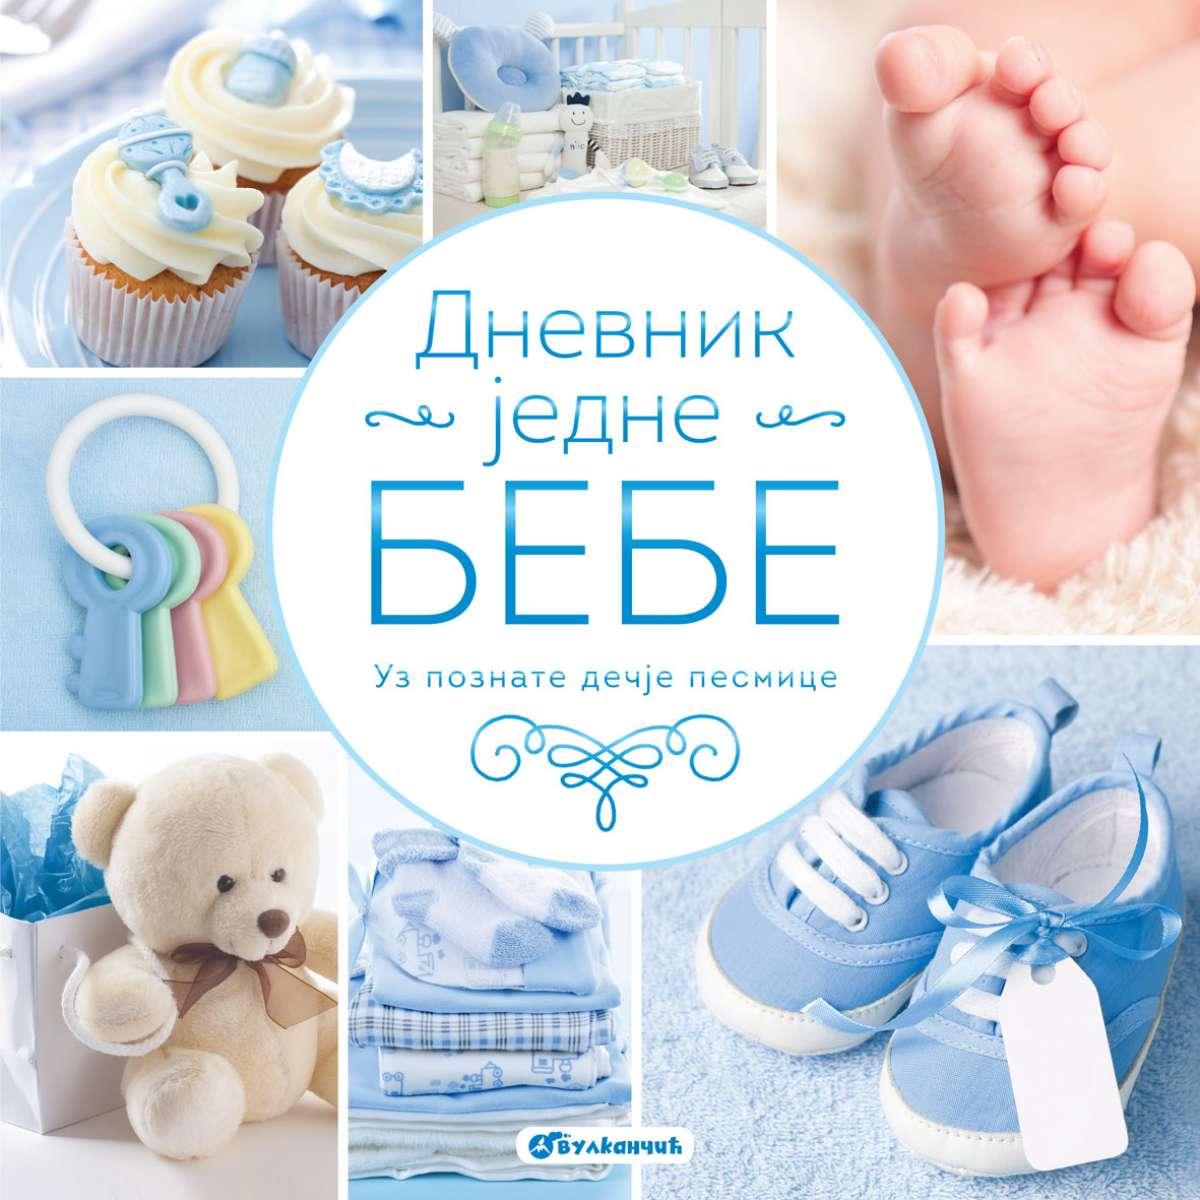 Dnevnik jedne bebe - za dečake